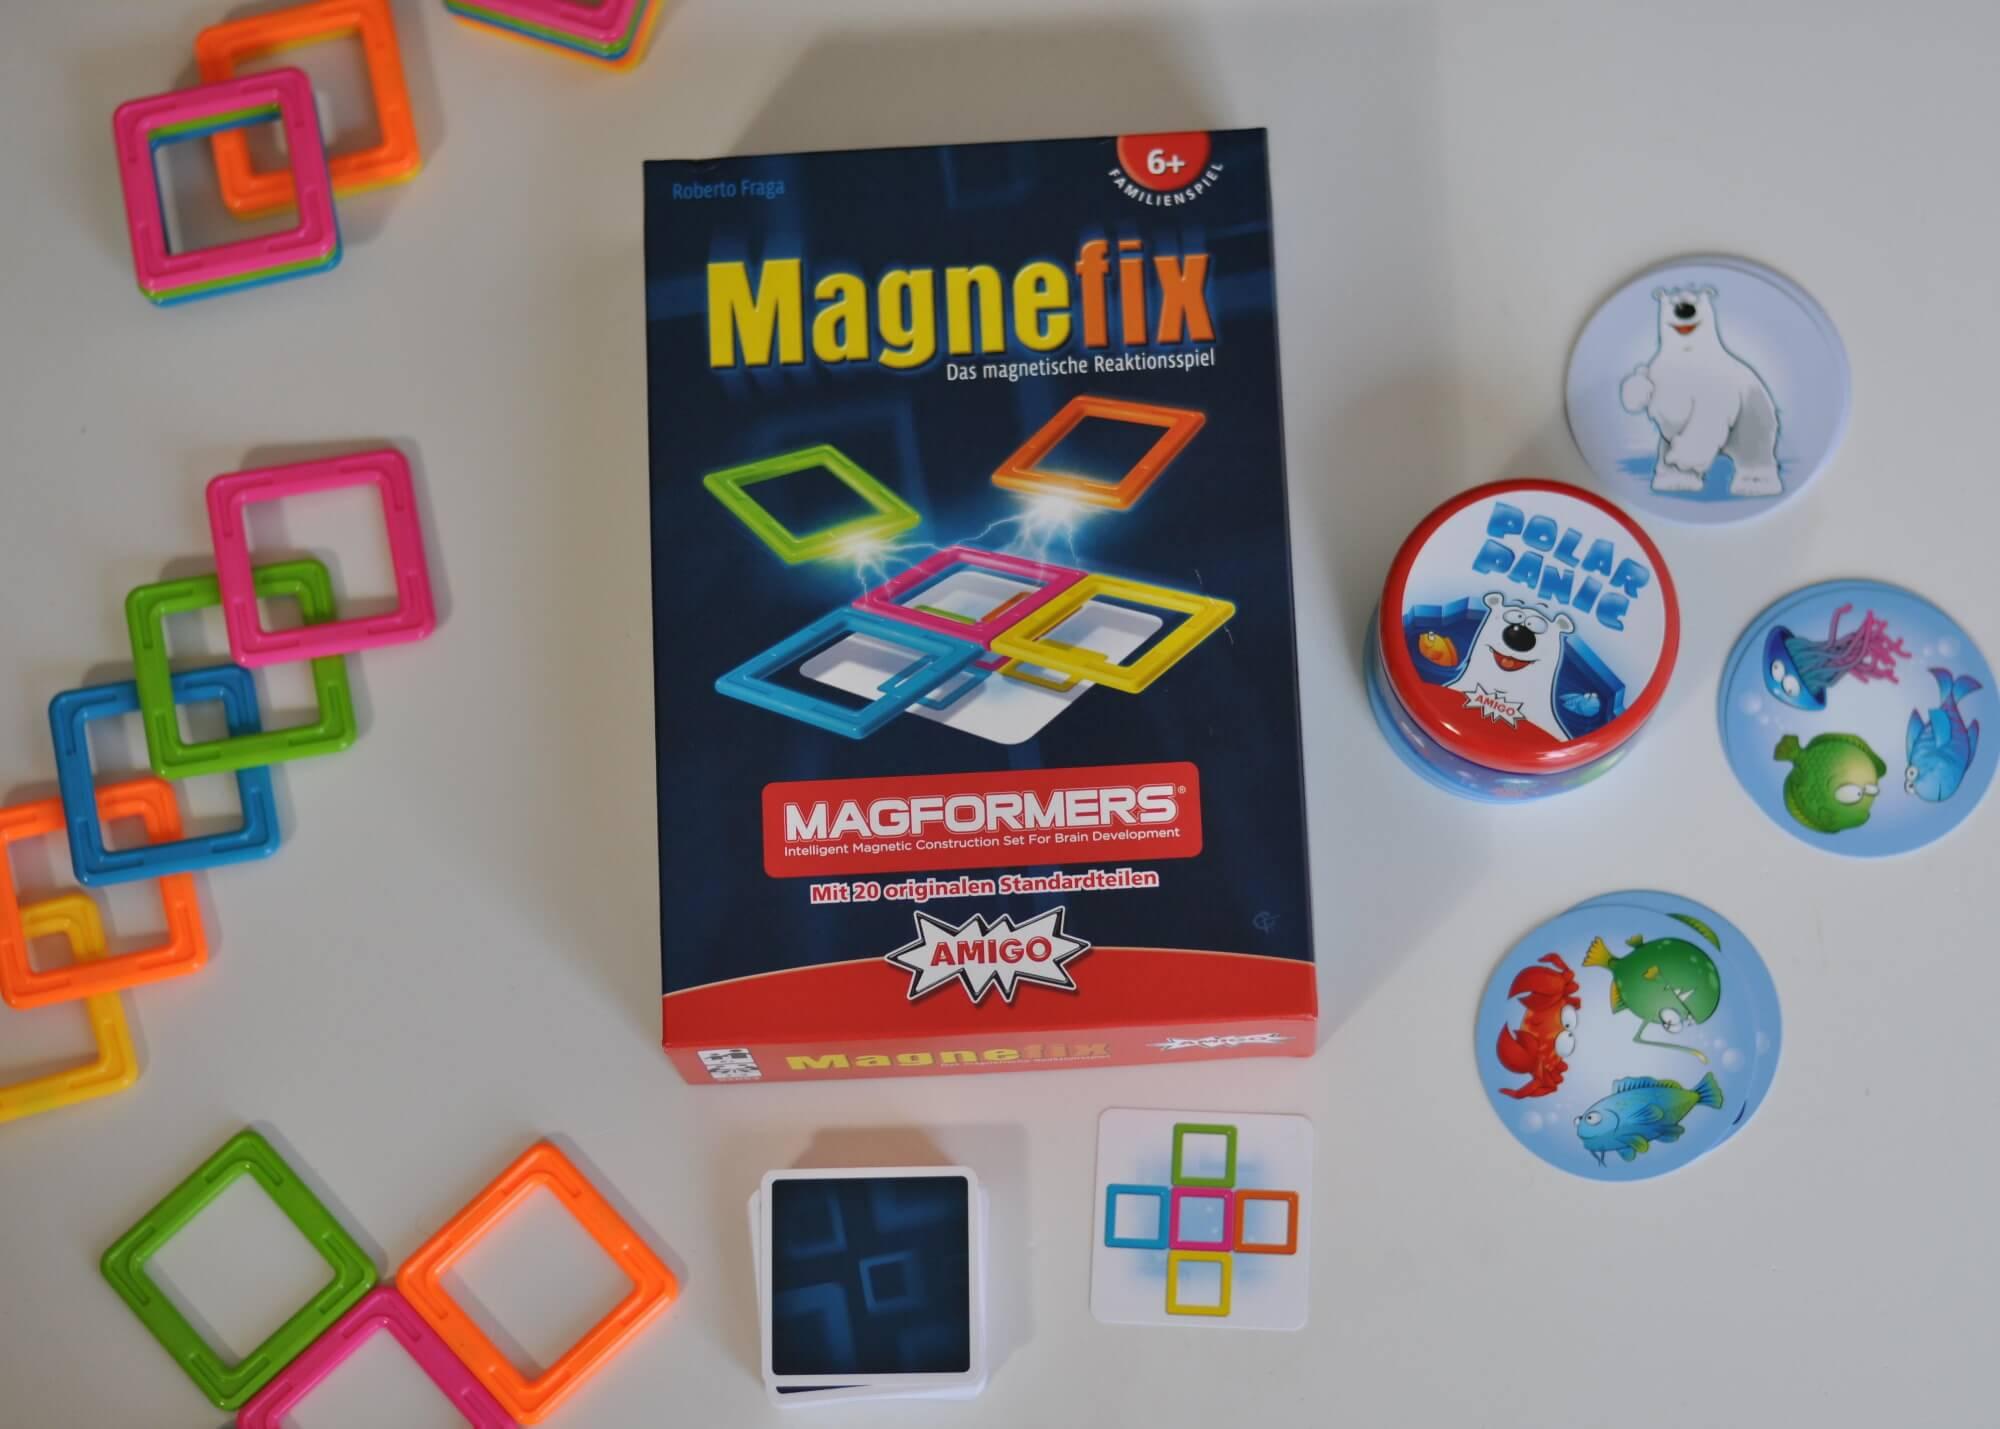 Wir lieben Kartenspiele, aber solche, bei denen es um Schnelligkeit geht, haben wir noch nicht so oft ausprobiert. Blitzschnell Paare erkennen oder Formen zusammenbauen und als erster reagieren - diese zwei Herbstneuheiten für Kinder ab 6 Jahren haben es in sich. Bei Polar Panic geht es darum, Fische zu schnappen, während man bei Magnefix versuchen muss, aus fünf magnetischen Bausteinen ein Muster zu konstruieren. Ich möchte euch diese zwei richtig coolen und außergewöhnlichen Reaktionspiele von Amigo vorstellen, mit denen ihr nicht nur viel Spaß habt, sondern auch euer Reaktionsvermögen schärft. Und am Ende darf ich einmal beide Spiele an euch verlosen. #amigo #spiel #karte #spielen #familie #schnell #magnet #eisbär #polar #herbst #spieleabend